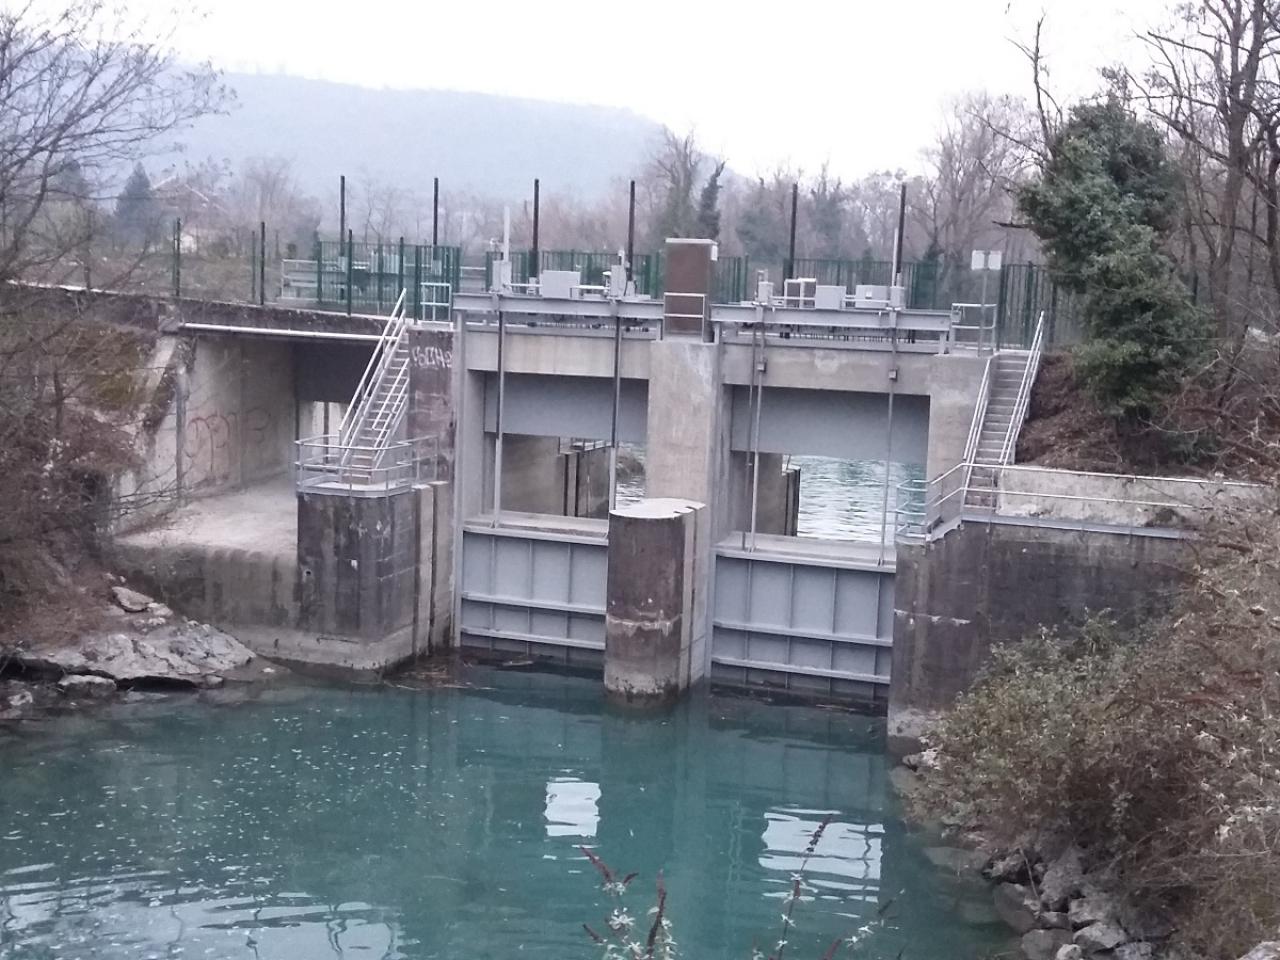 Rénovation d'un barrage hydroélectrique